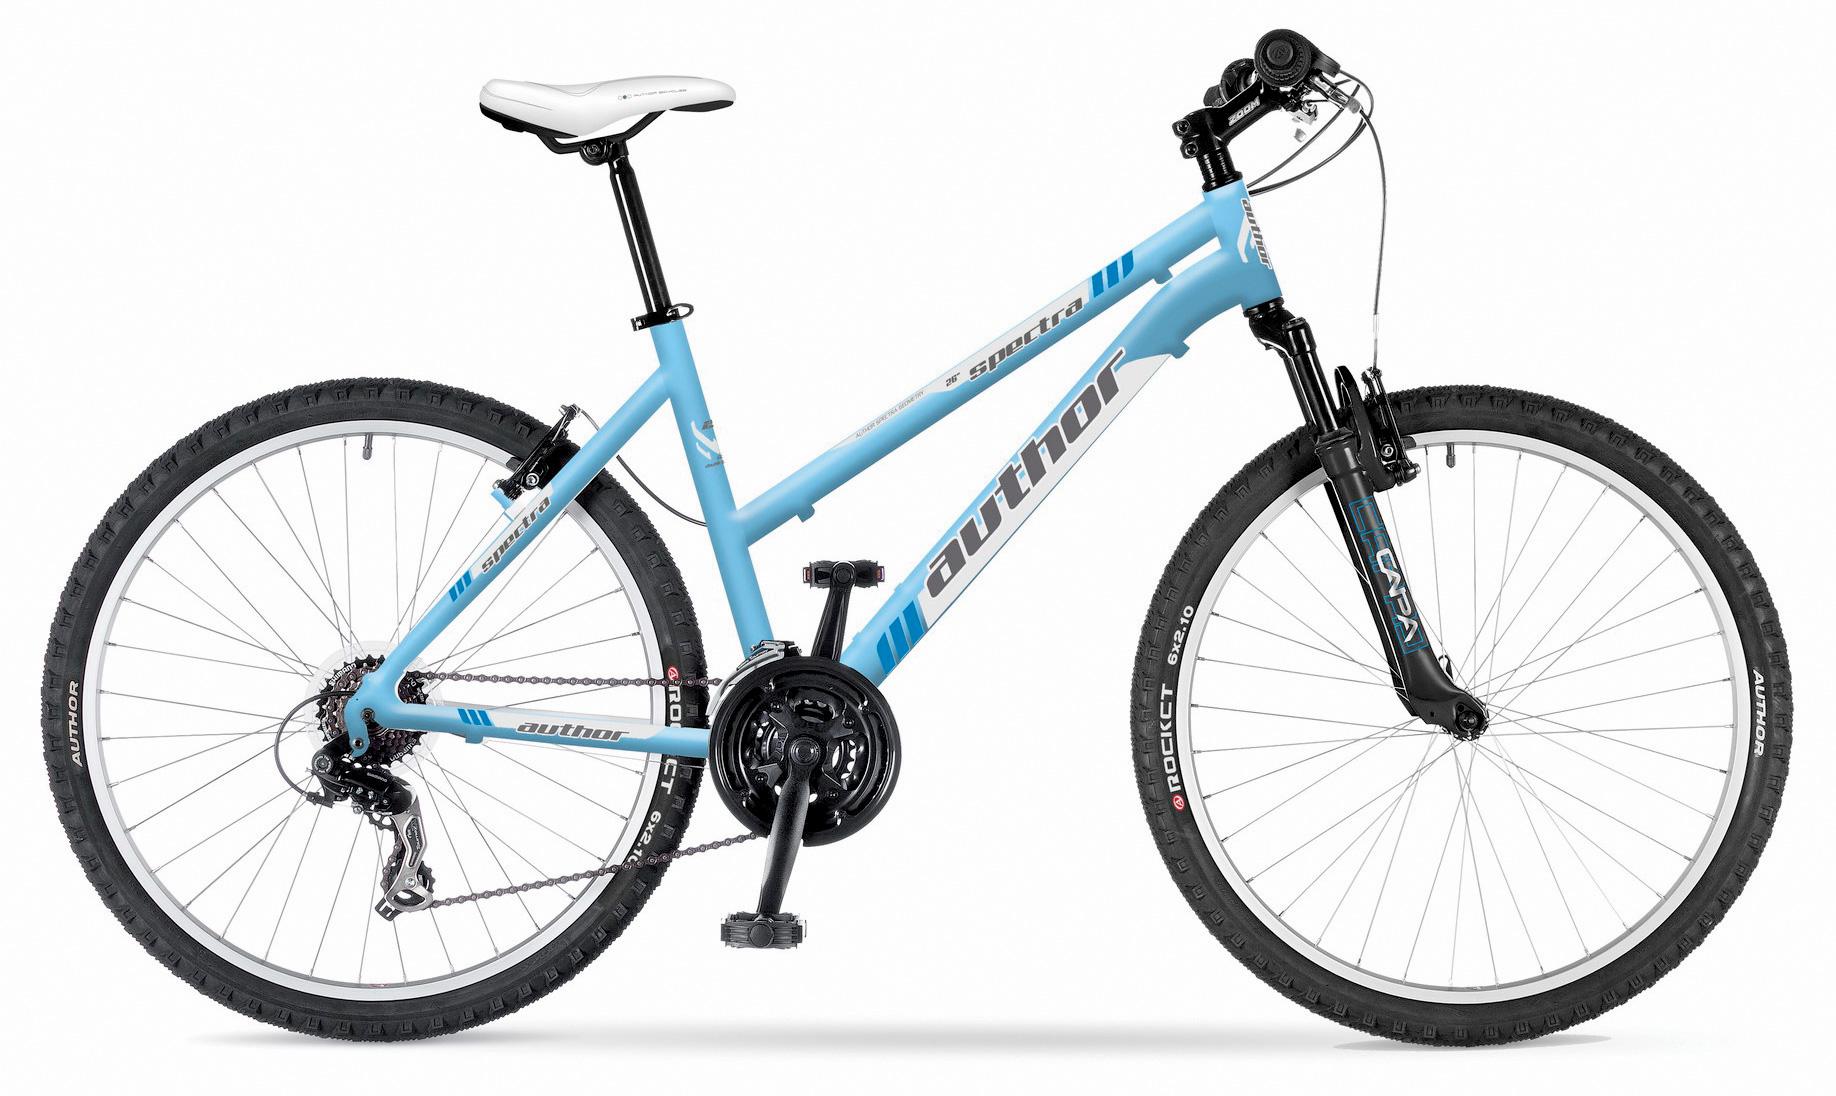 купить женский велосипед в минске недорого распродажи и акции